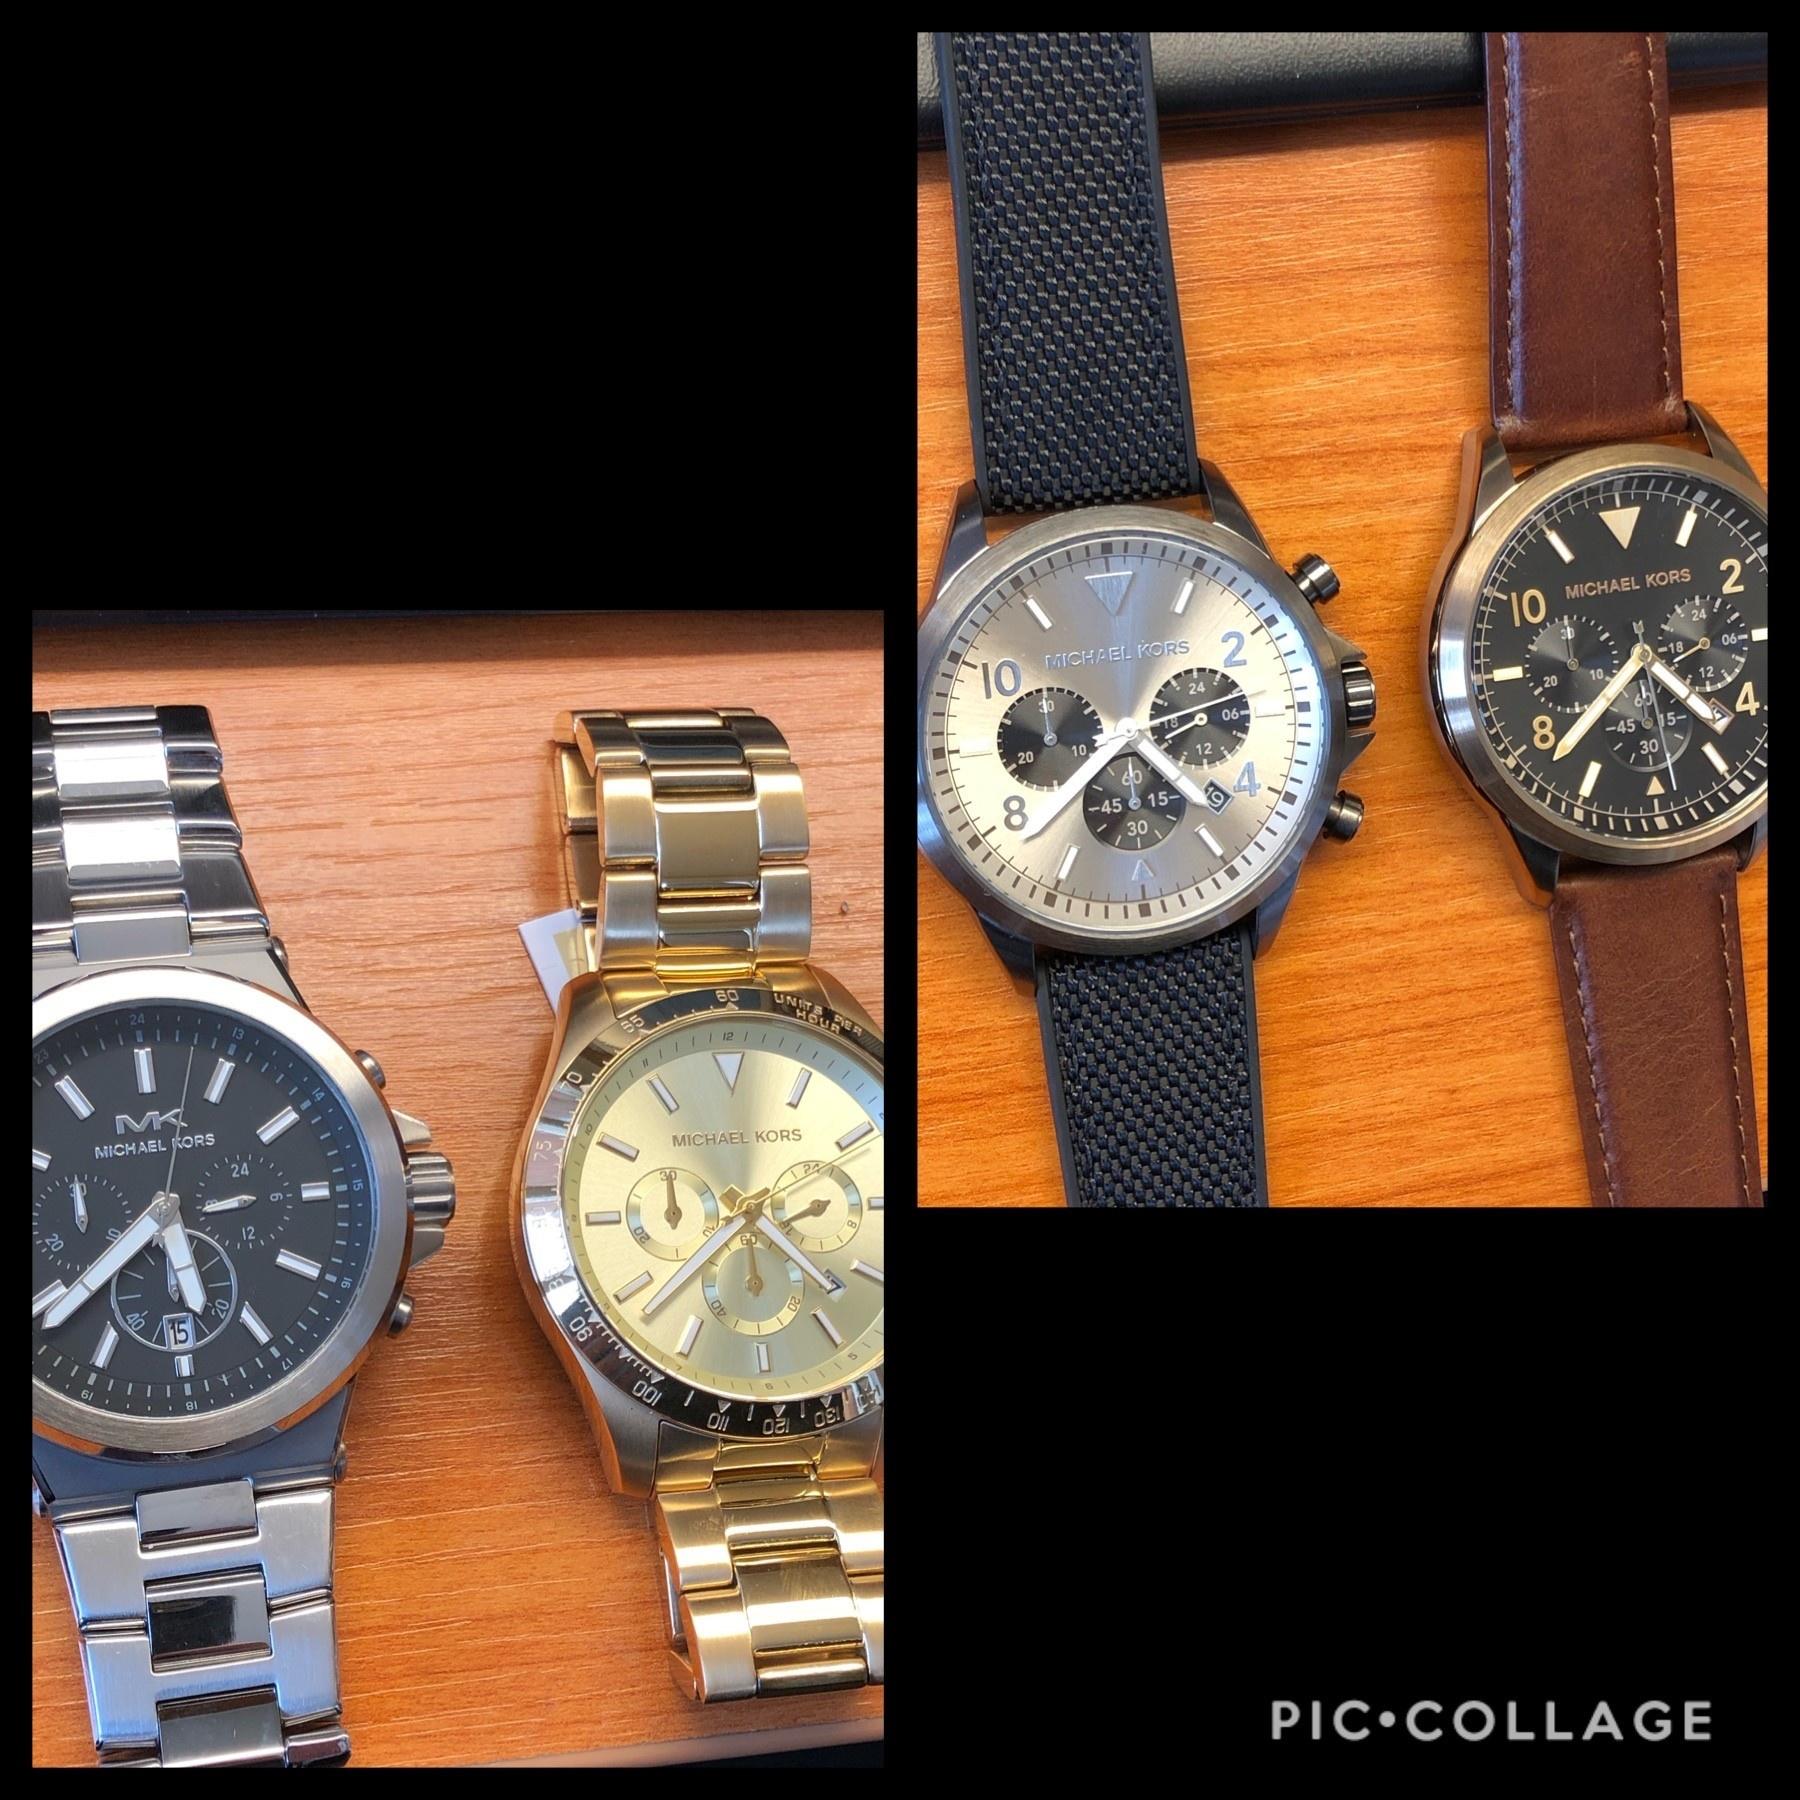 Nieuw binnen: Michael Kors herenhorloges